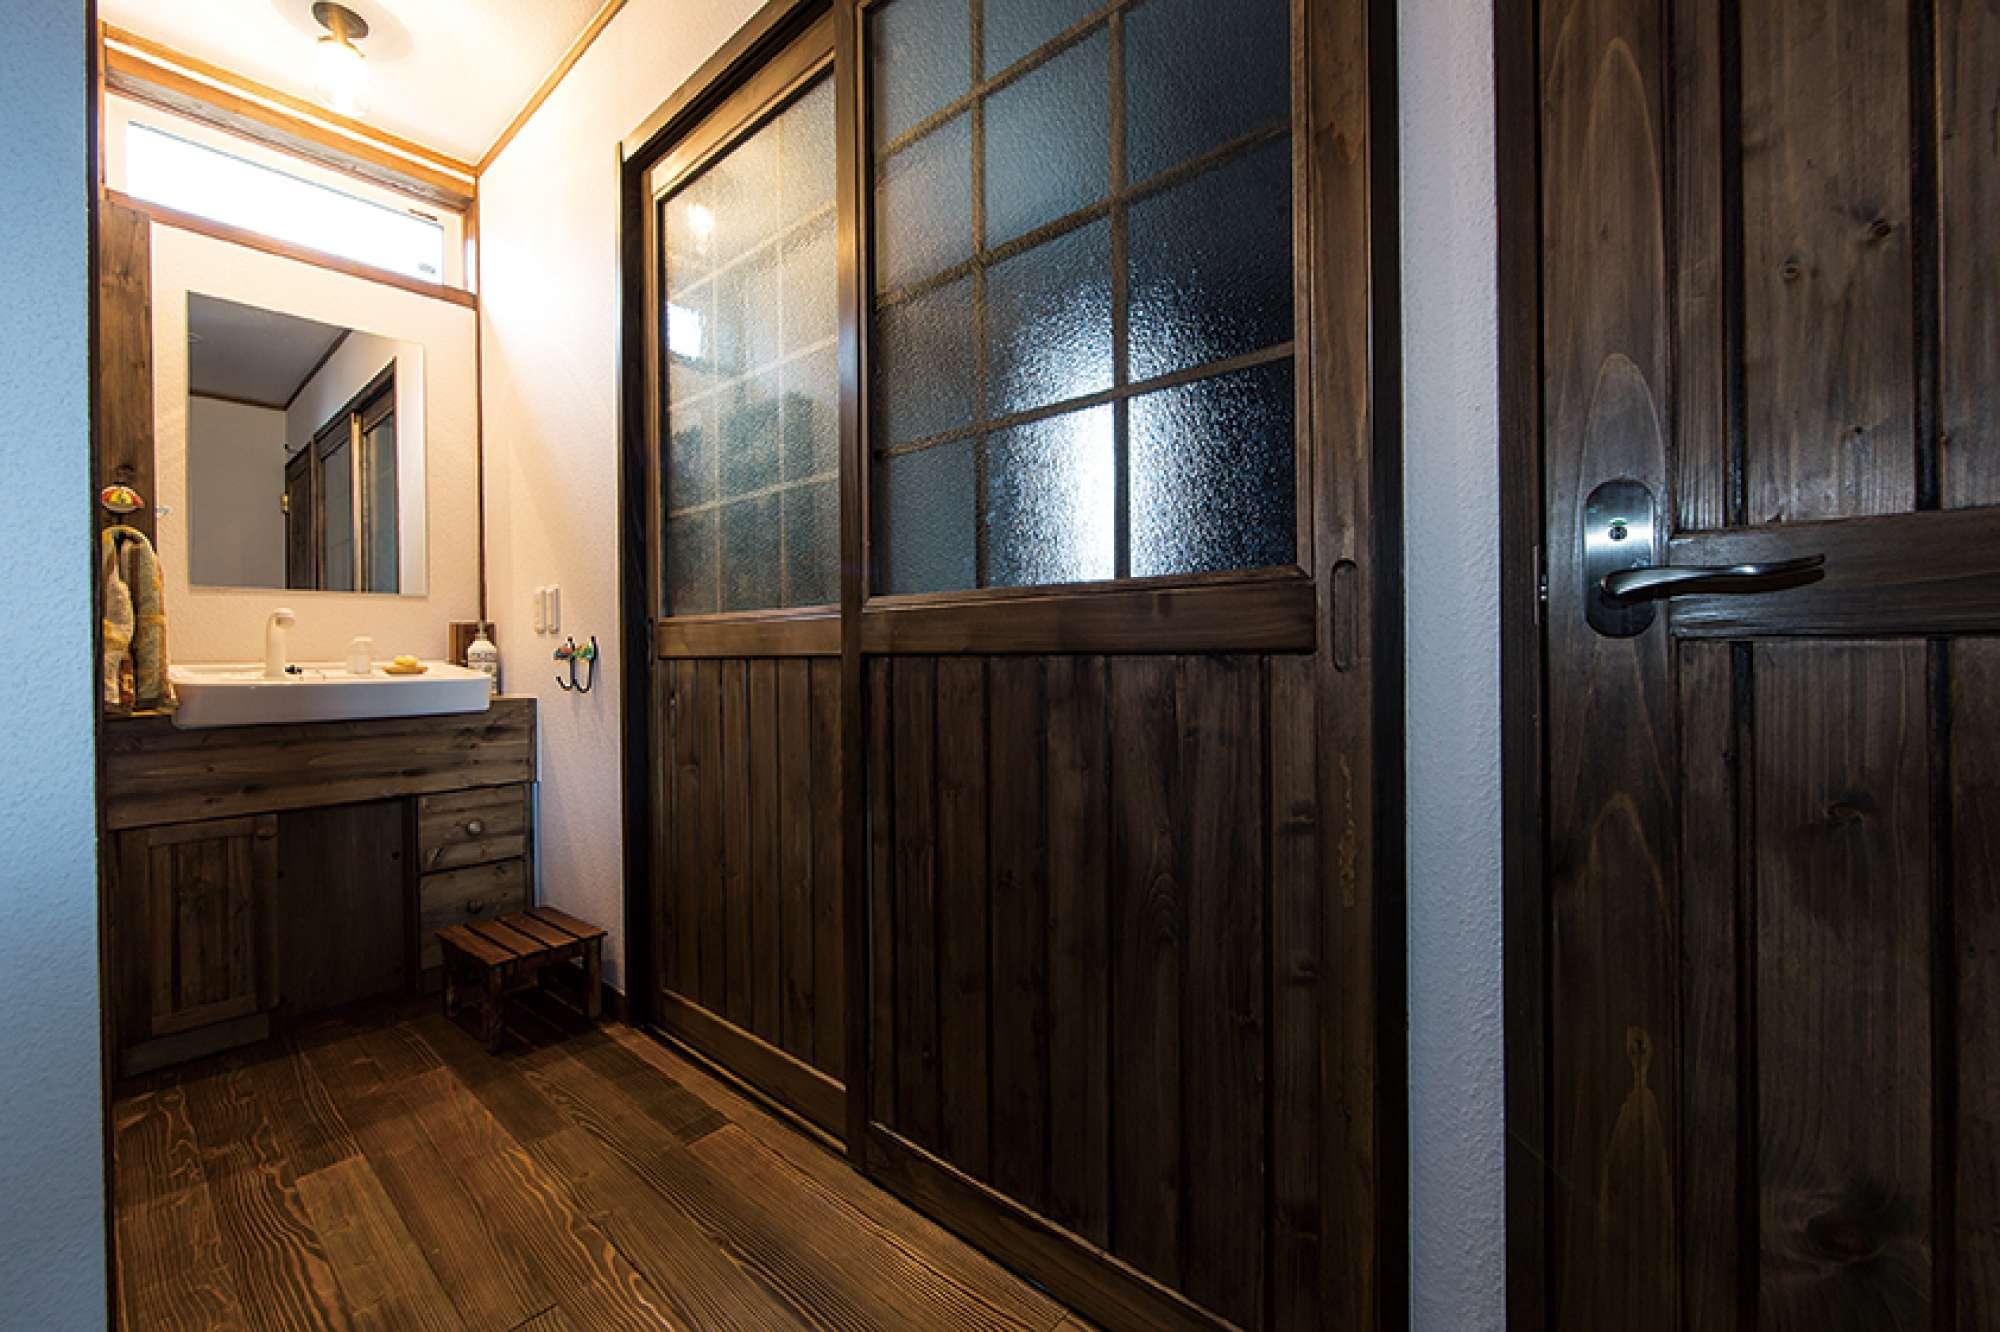 玄関から室内に入ってすぐ右手に、造作洗面化粧台を設置 -  -  -